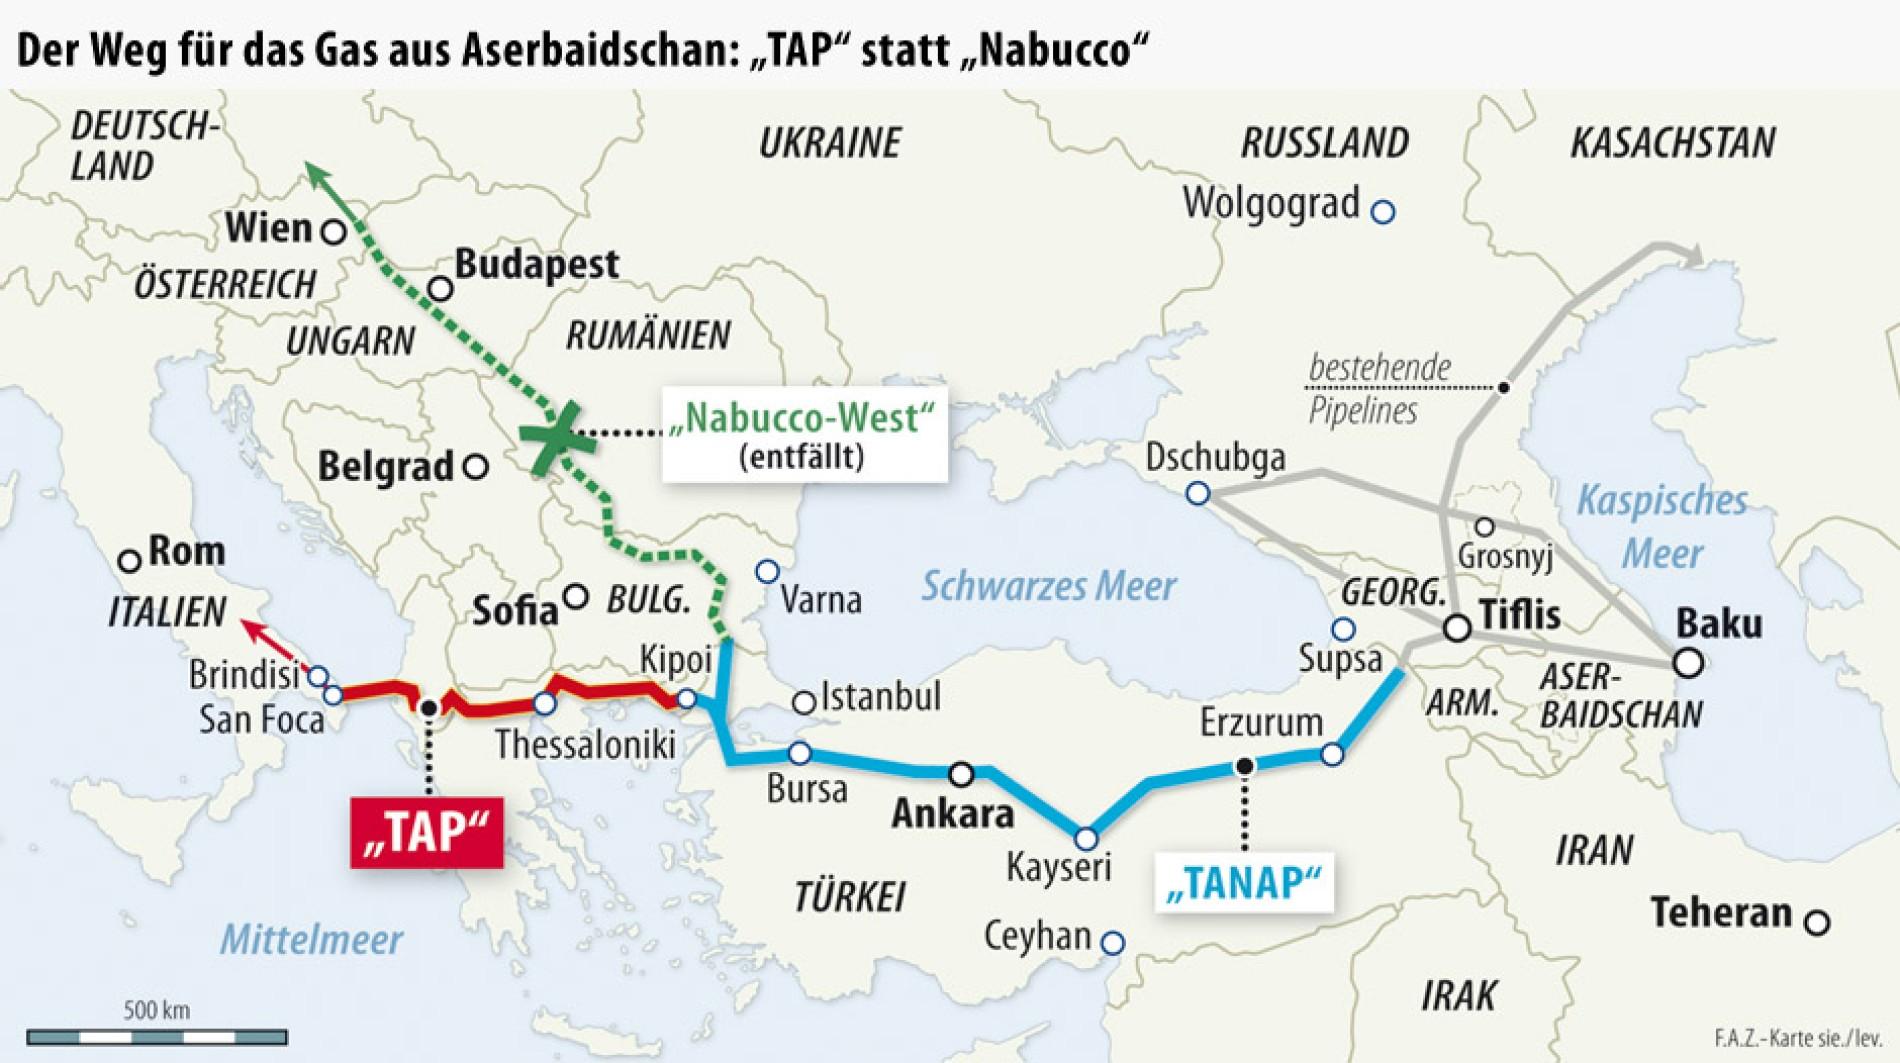 Gaspipeline Projekt Nabucco Ist Gescheitert Wirtschaft Faz